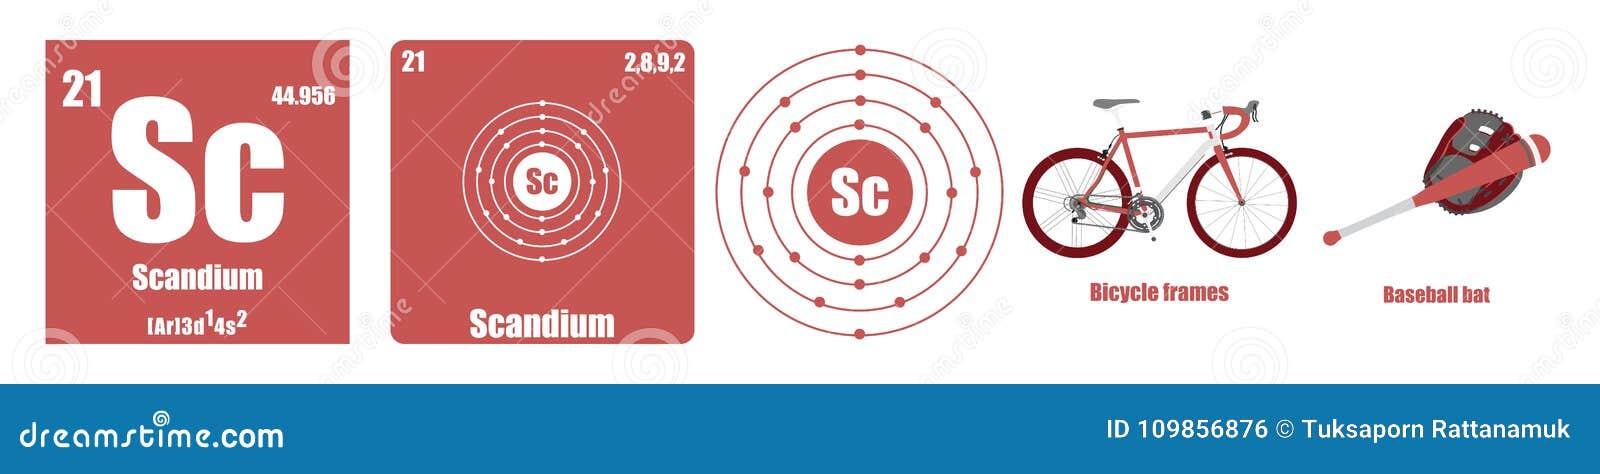 Tabla peridica de escandio de los metales de transicin del download tabla peridica de escandio de los metales de transicin del elemento ilustracin del vector urtaz Choice Image